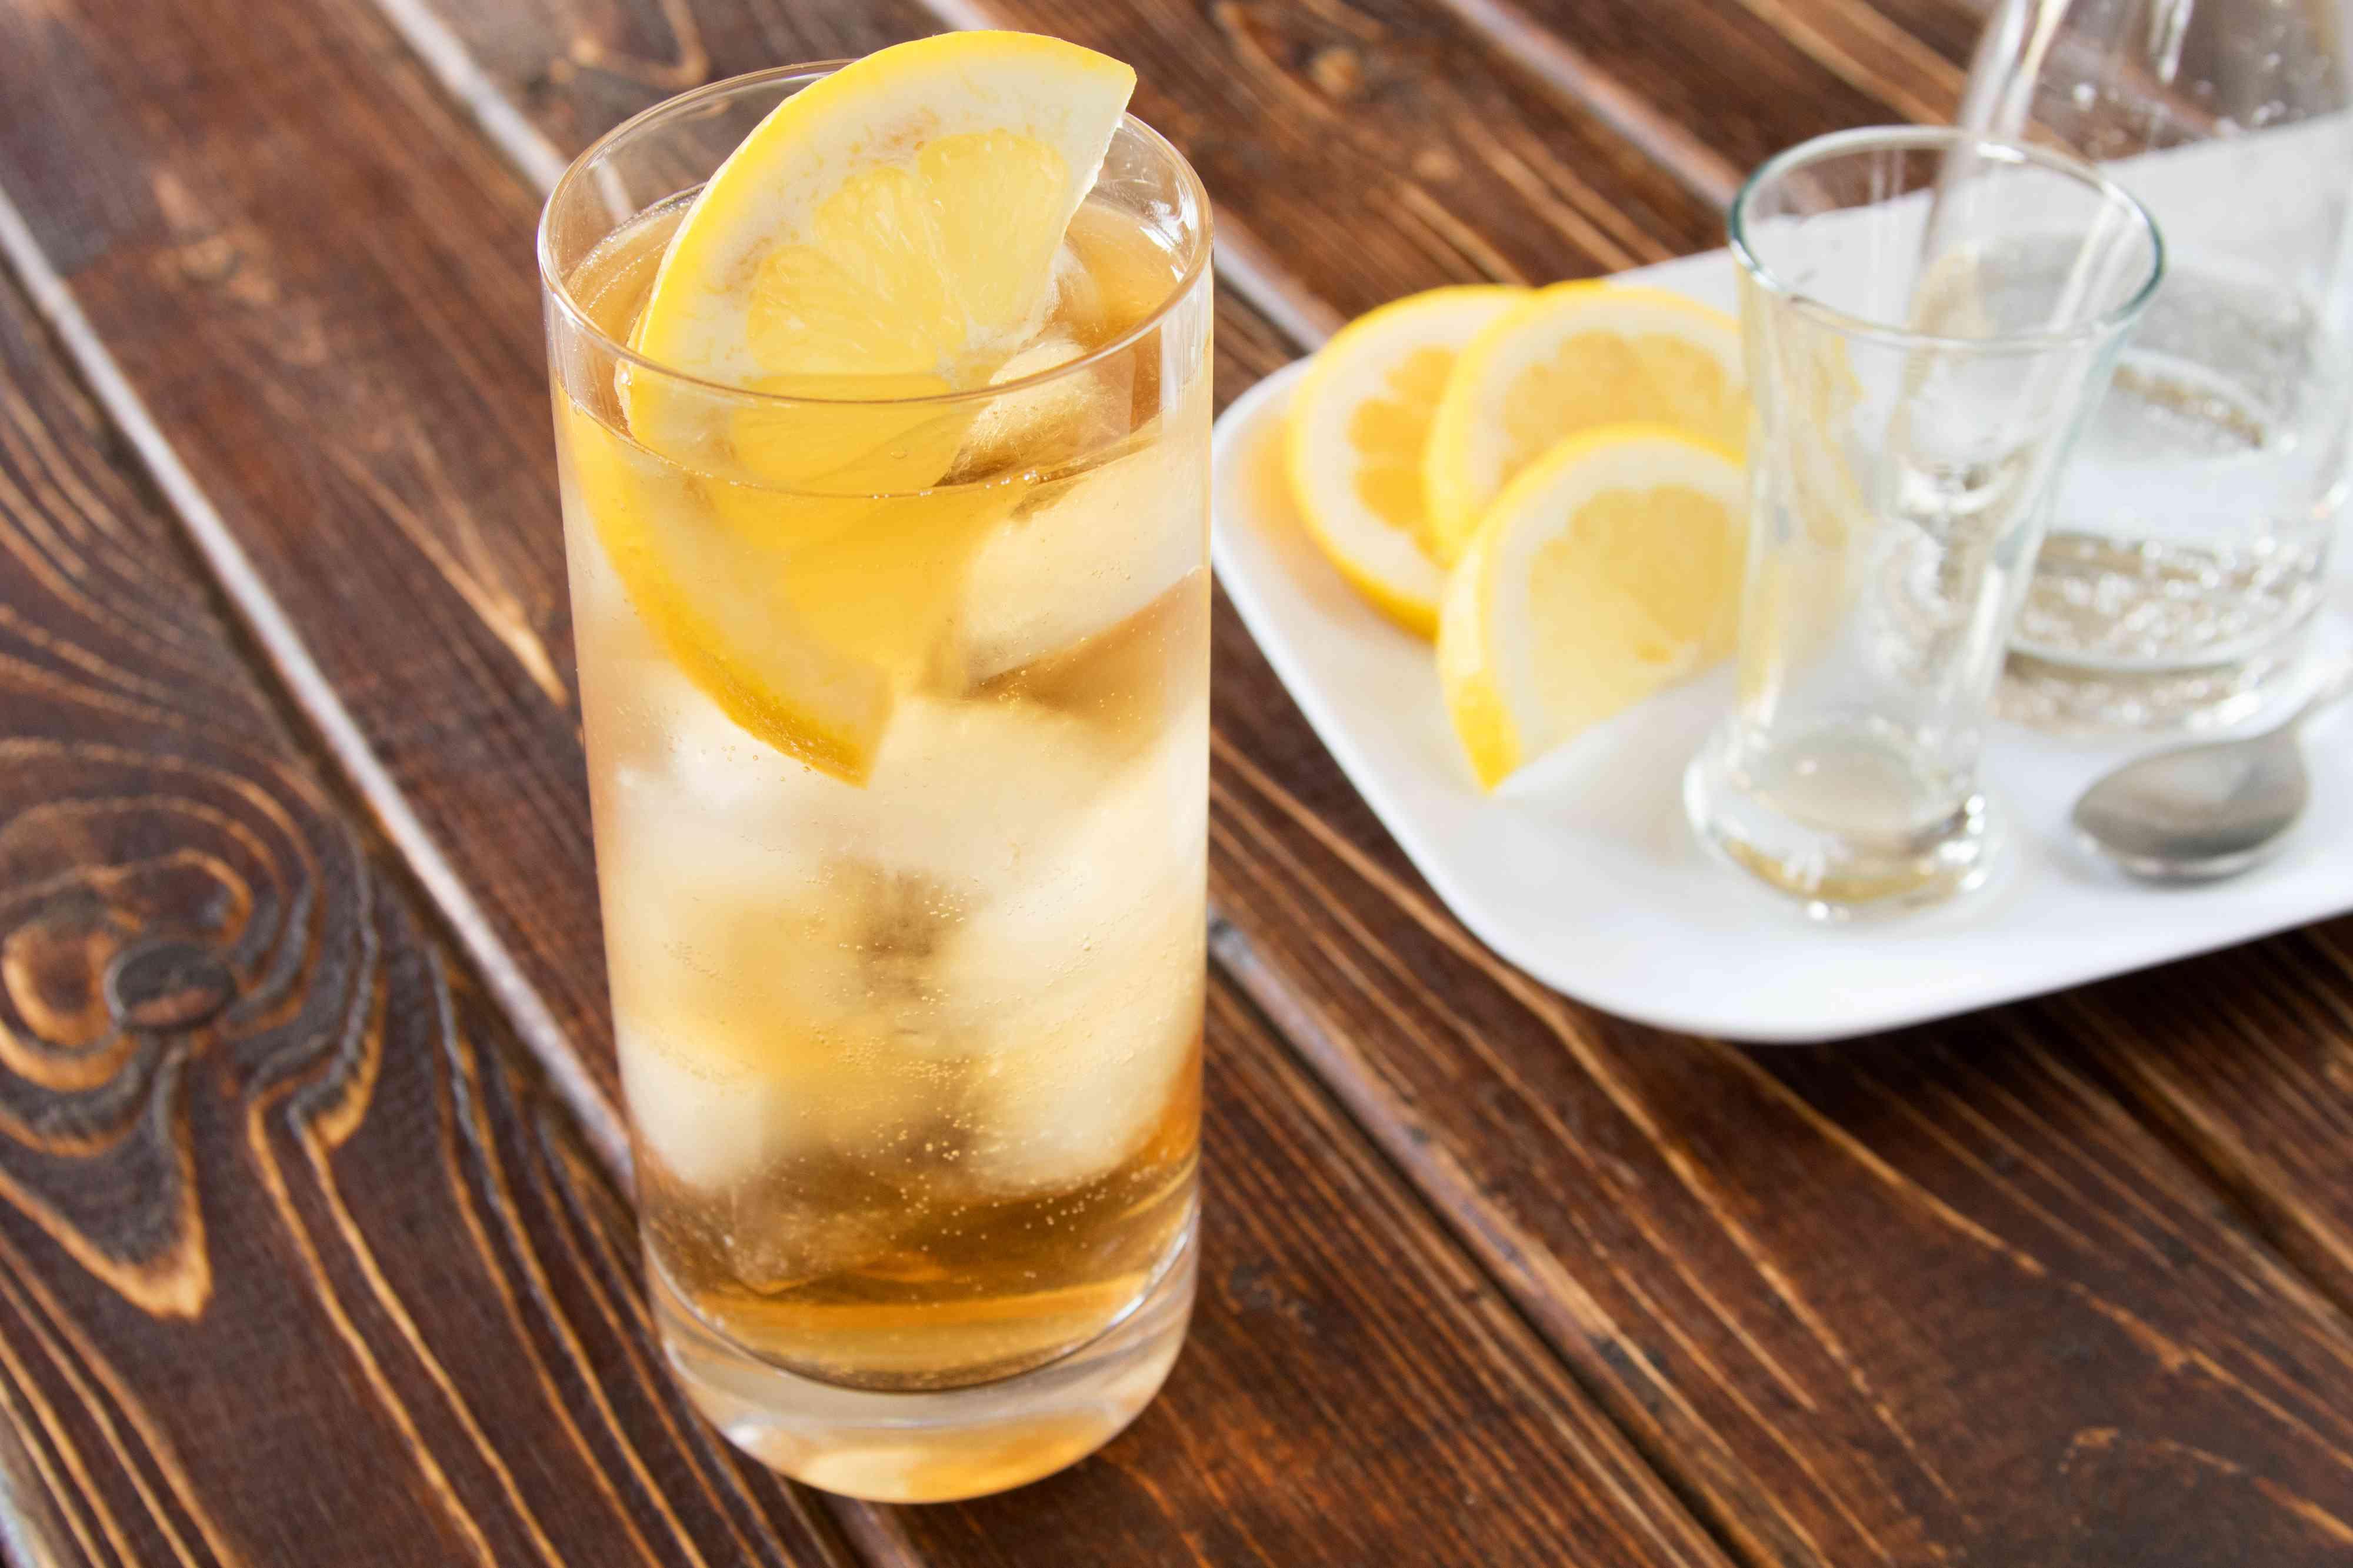 Whiskey Tonic With Lemon Wedge